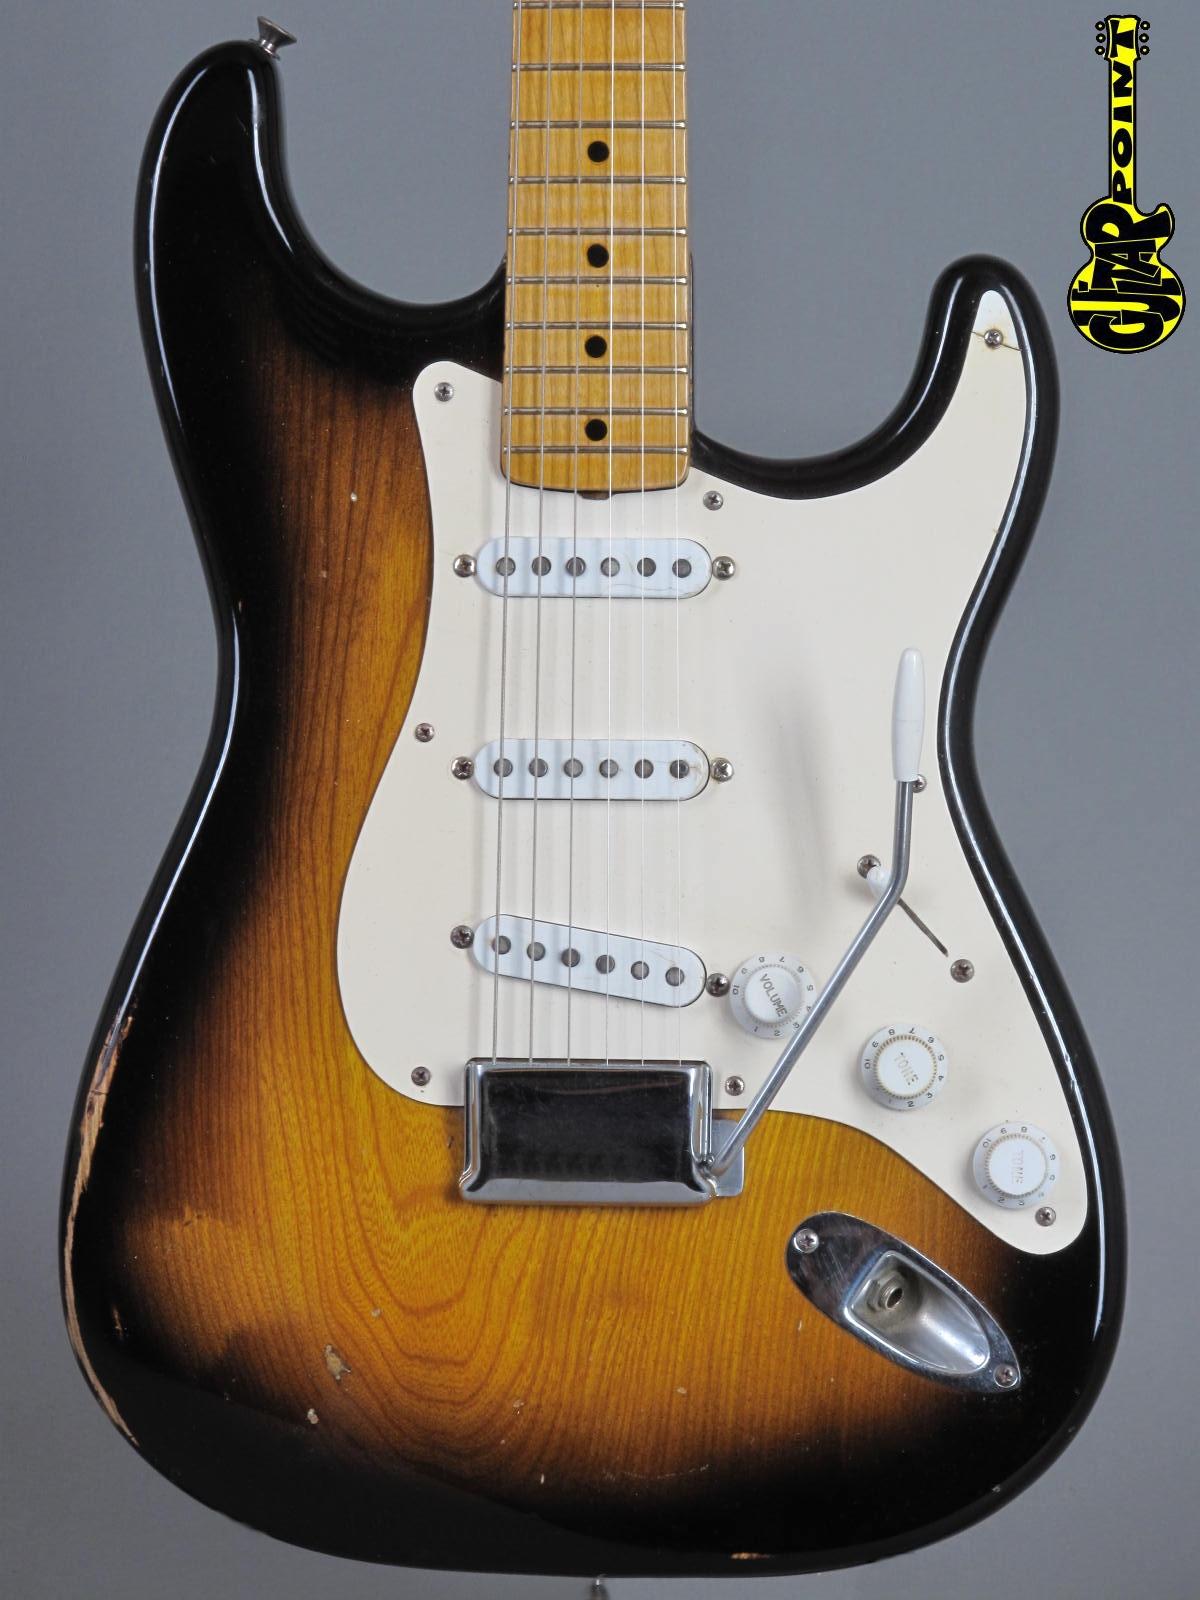 1954/-55 Fender Stratocaster - 2-Tone Sunburst